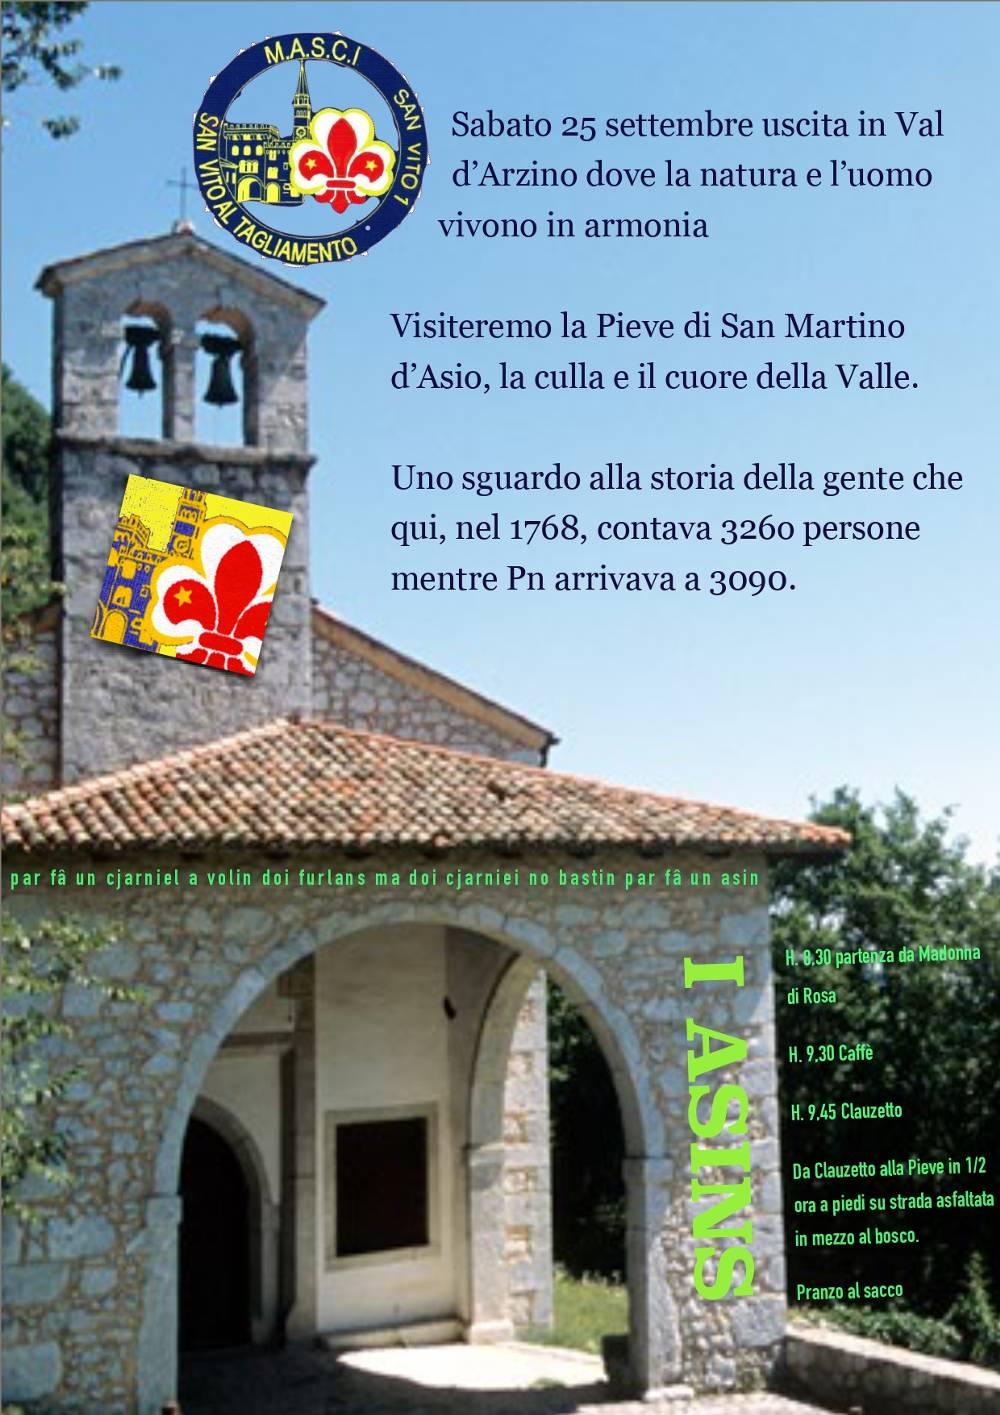 Visita guidata alla Pieve di San Martino